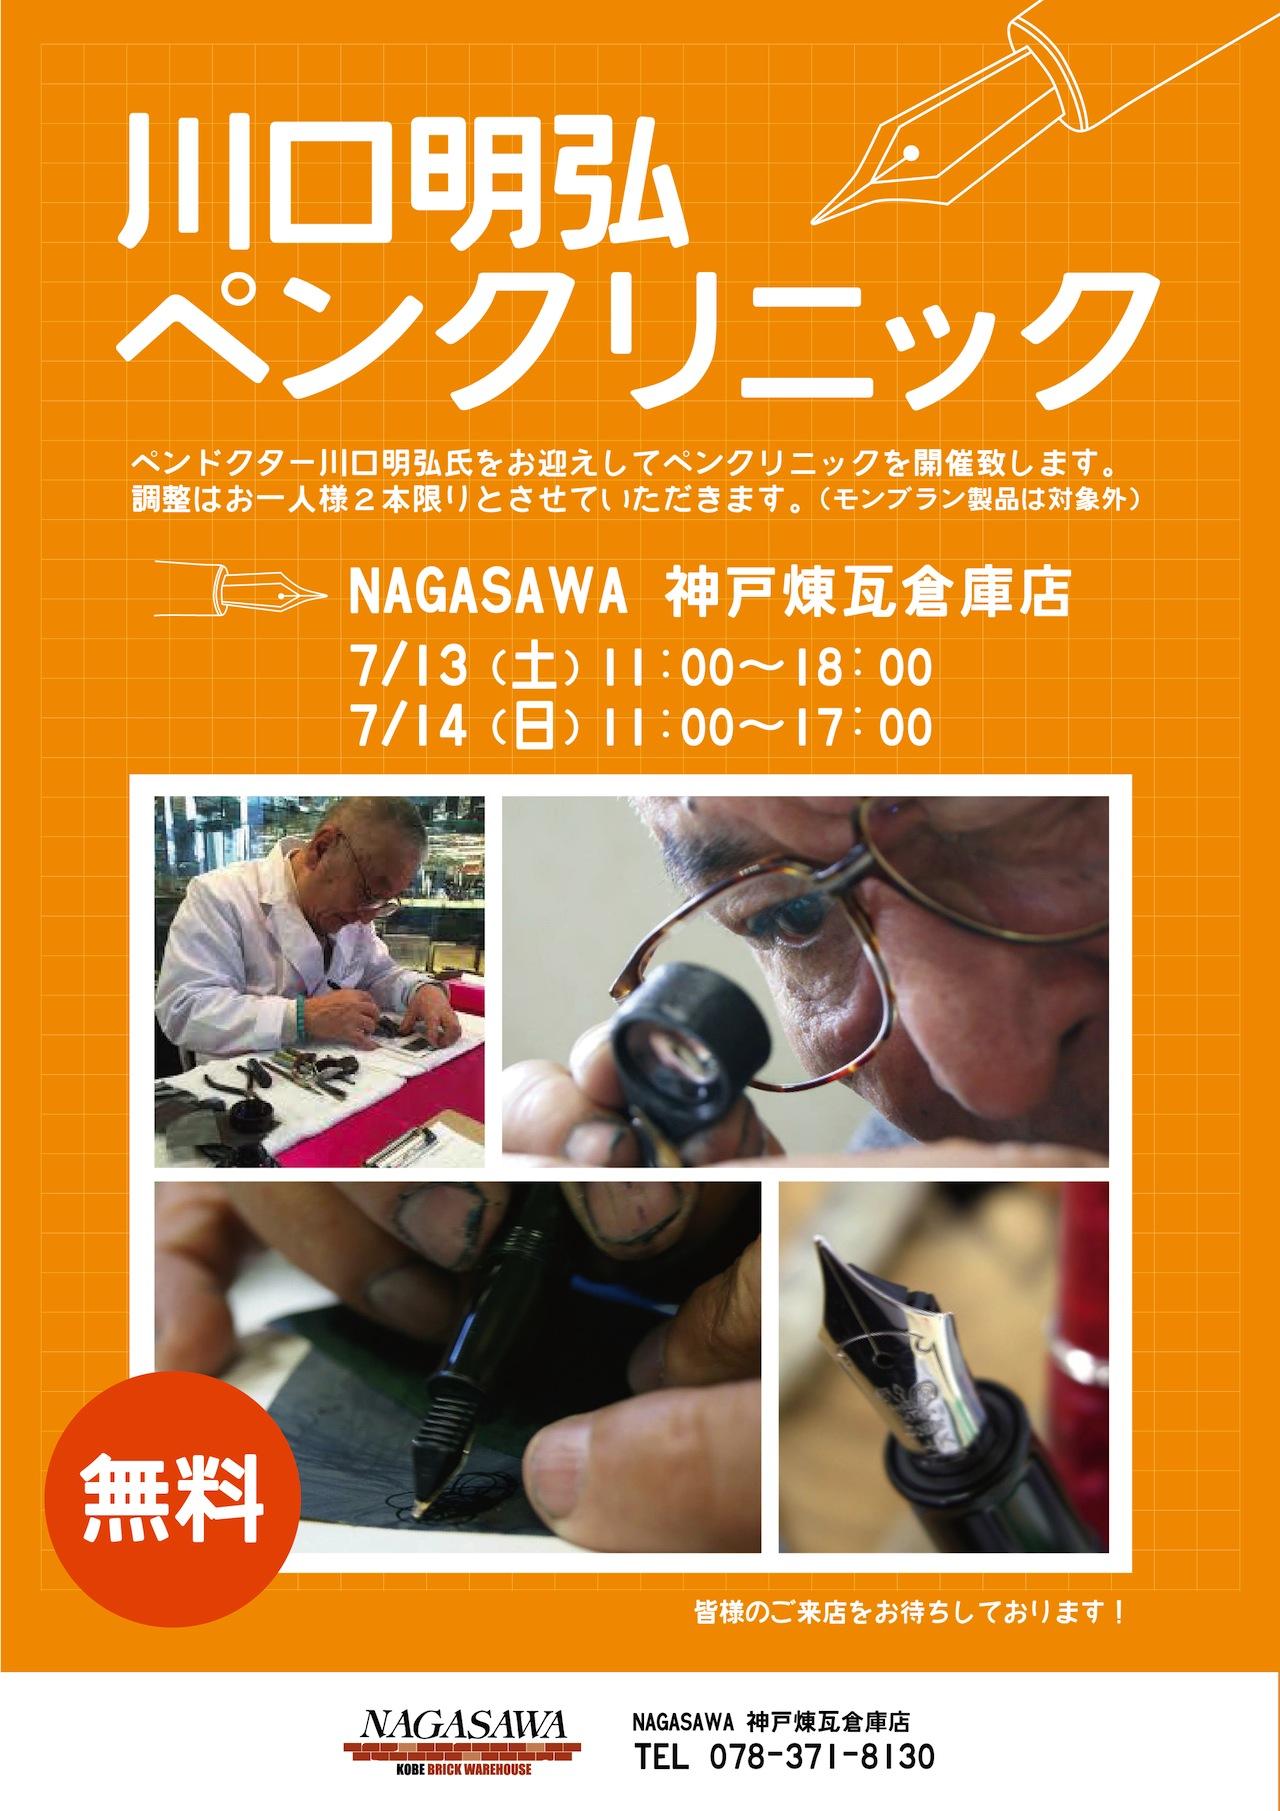 万年筆の無料調整いたします。ペンドクター川口明弘氏によるペンクリニック|NAGASAWA 神戸煉瓦倉庫店